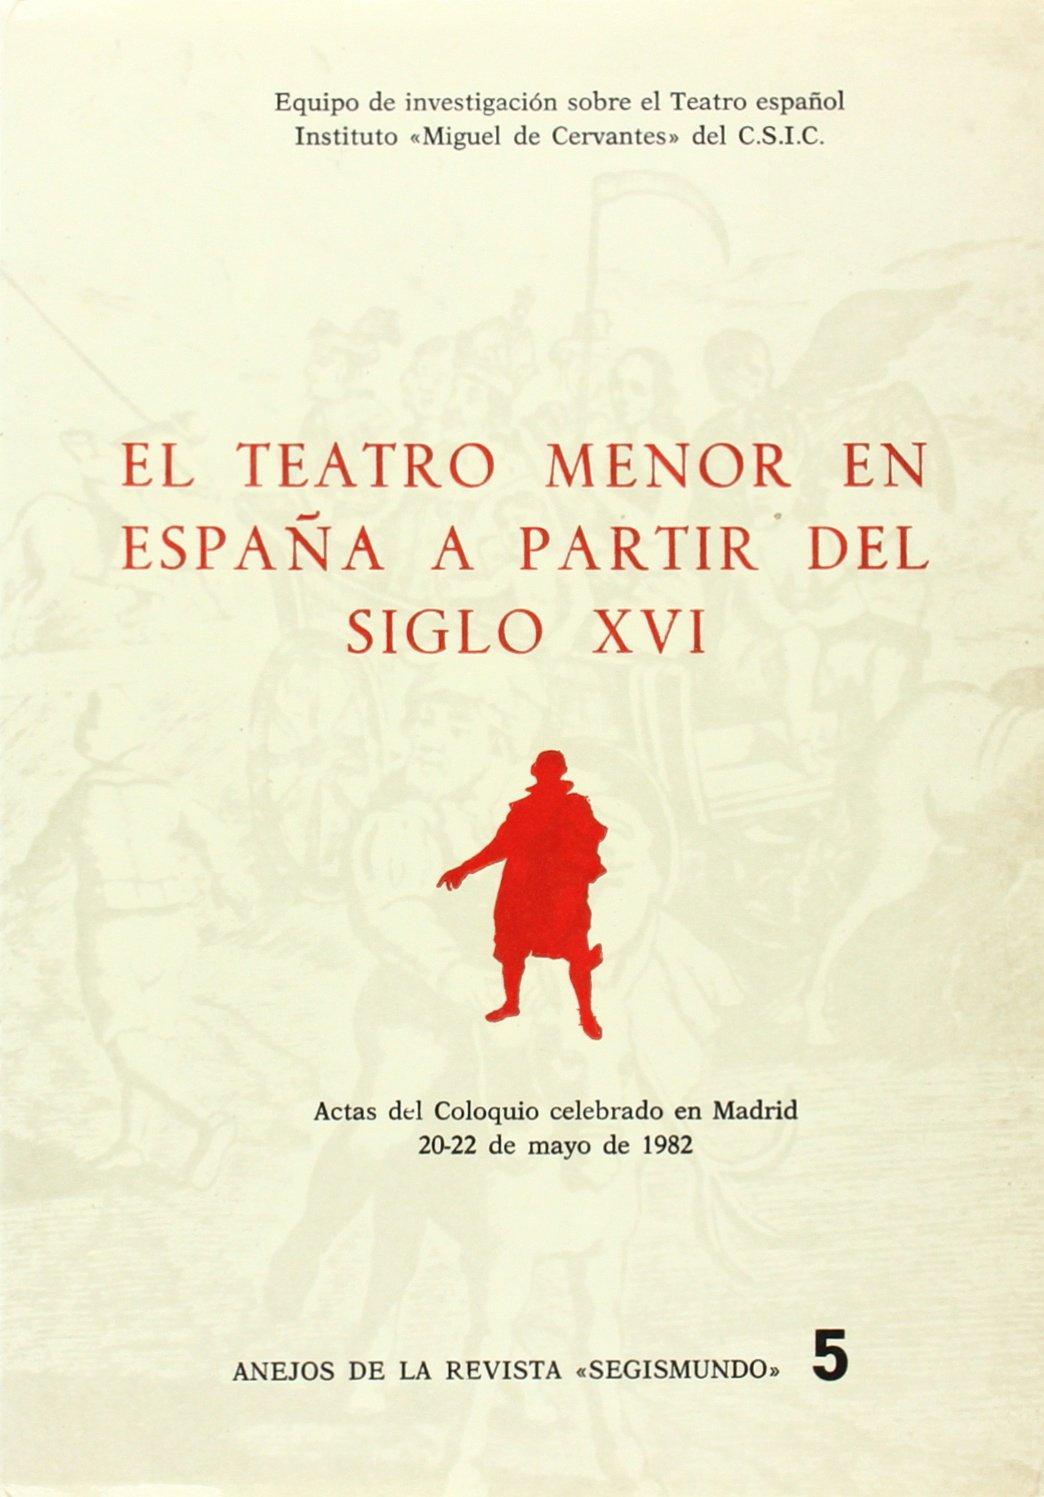 El teatro menor en España a partir del siglo XVI: Actas del Coloquio celebrado en Madrid, 20-22 de mayo de 1982 Anejos Revista Segismundo: Amazon.es: AA.VV.: Libros